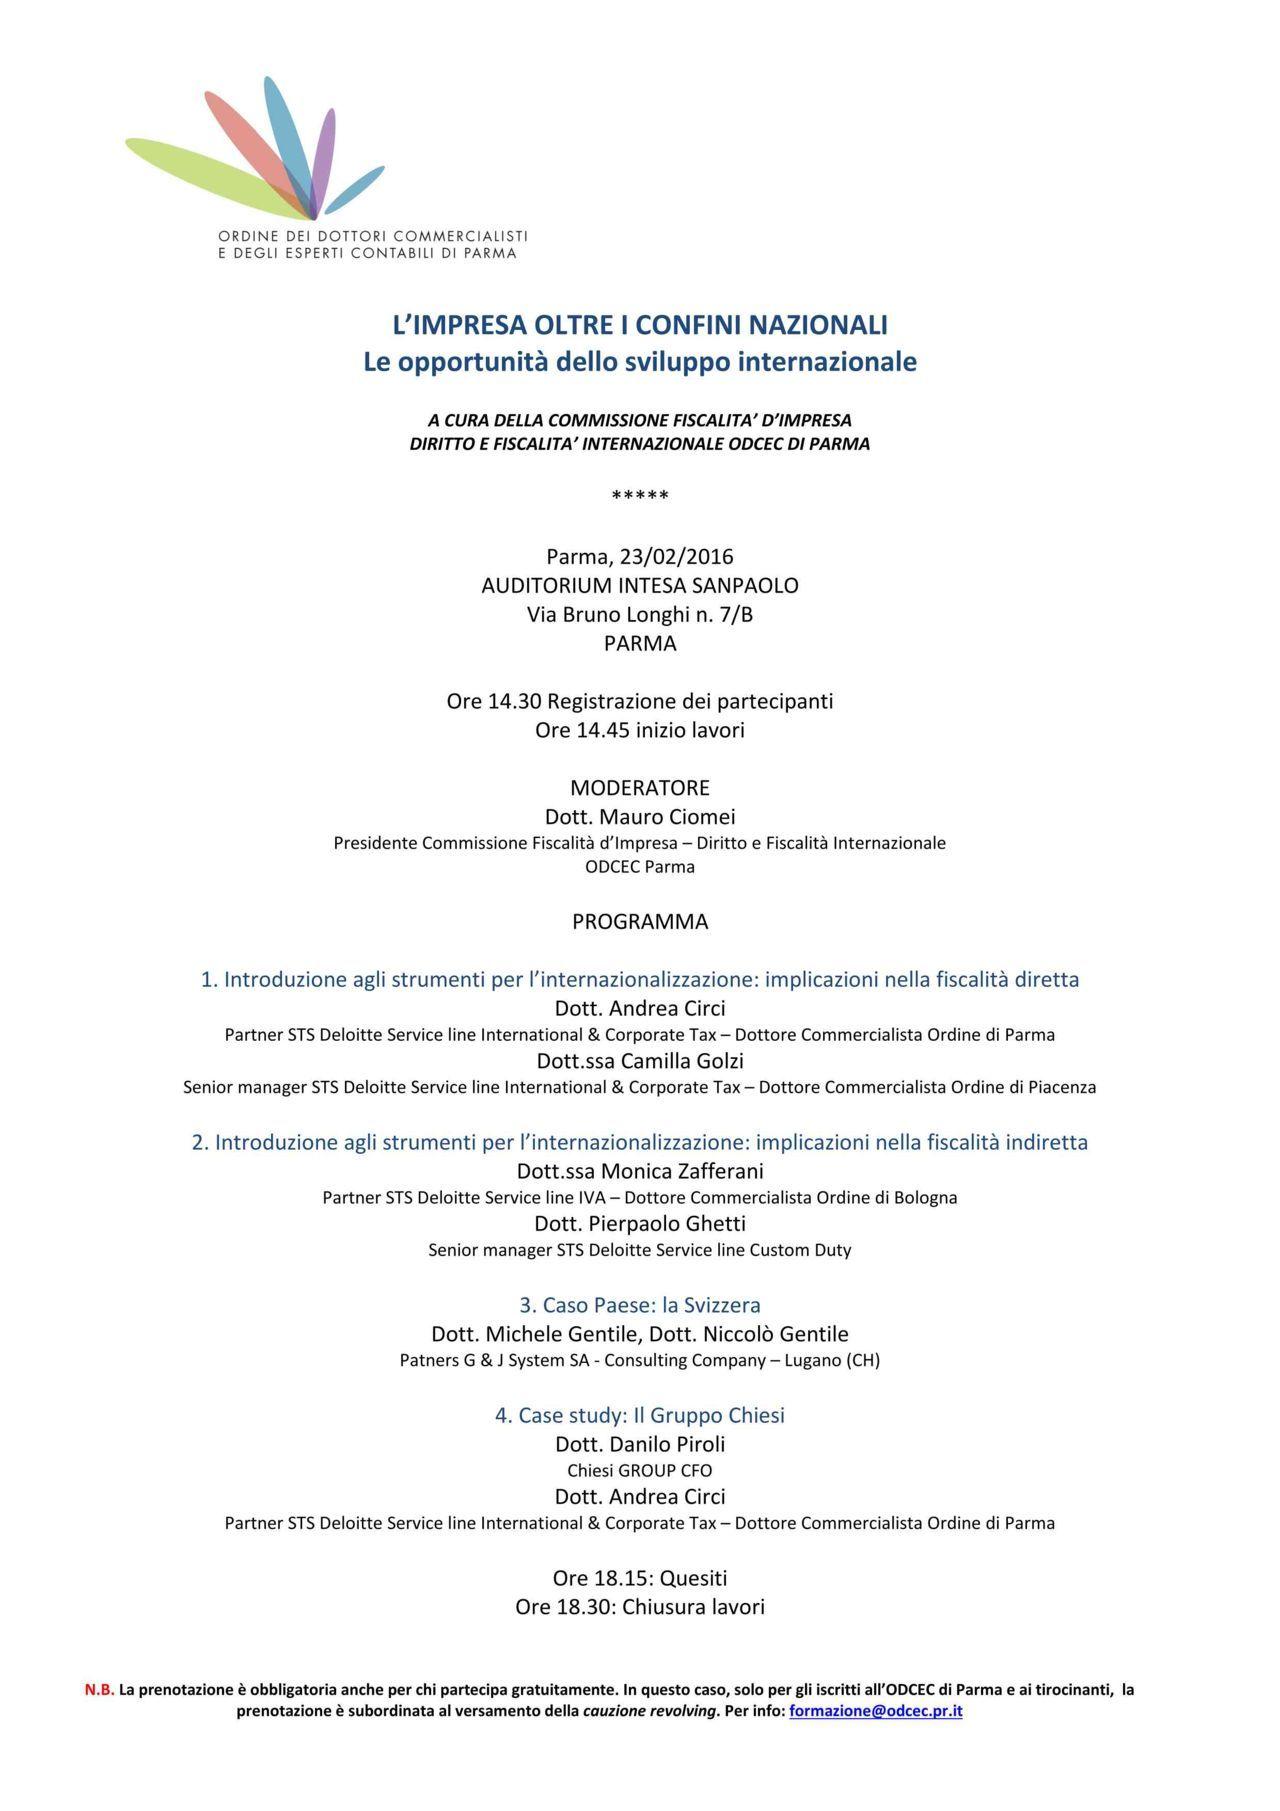 Programma-convegno_23-02-16 (2)_01 (FILEminimizer)